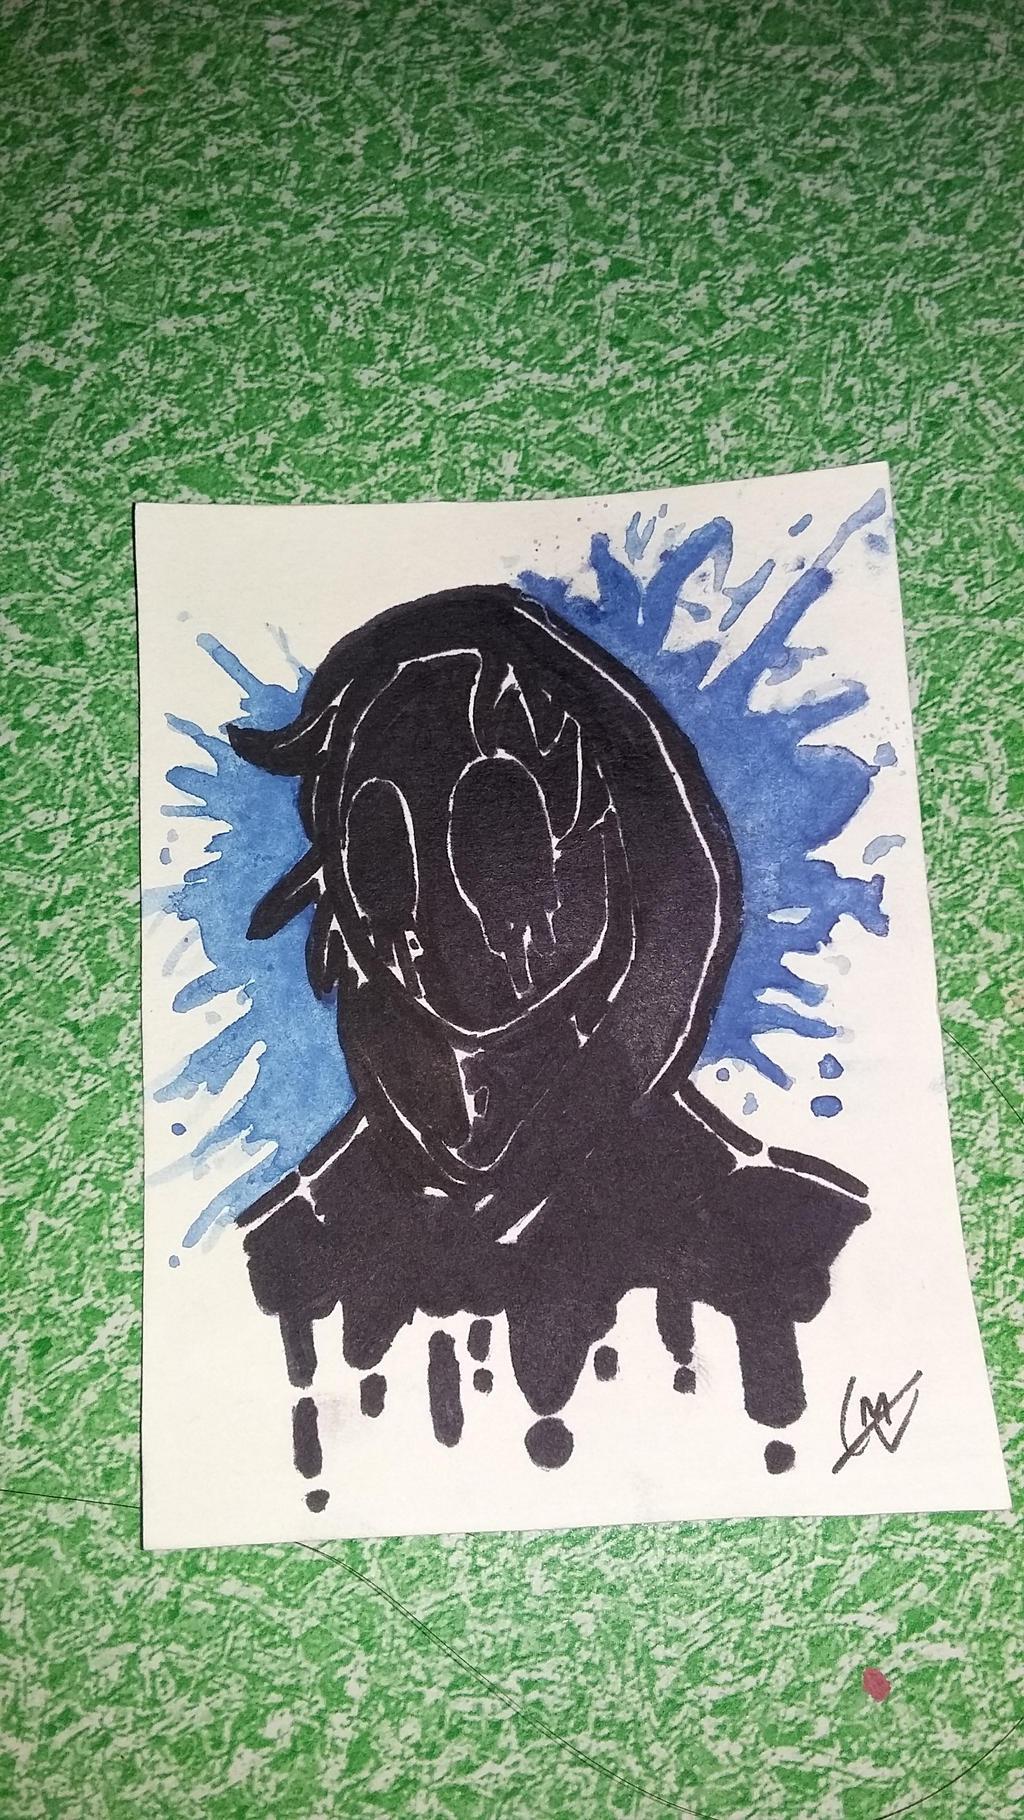 Watercolor2 by imatrashcan2